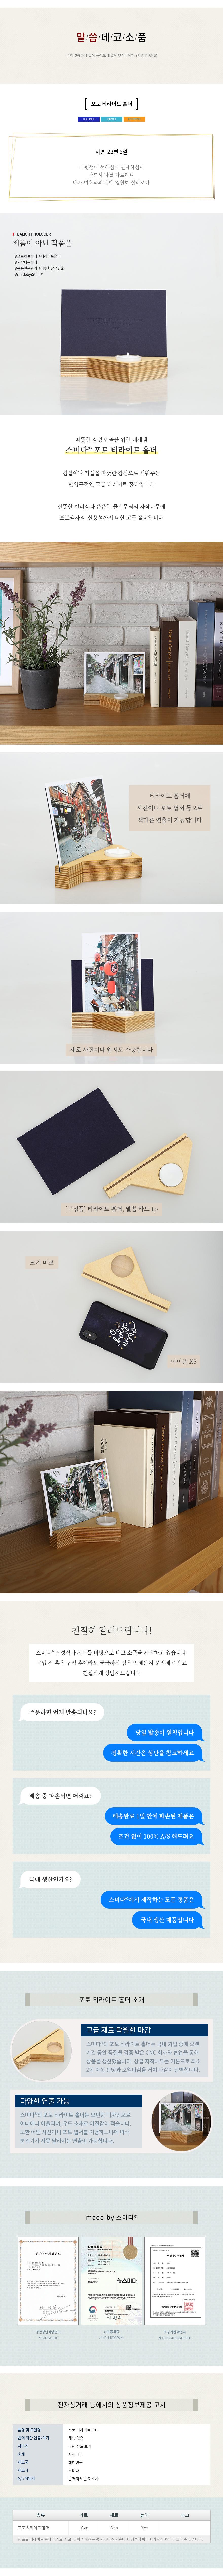 포토 티라이트 홀더 - 스미다, 22,000원, 캔들용품, 홀더/촛대